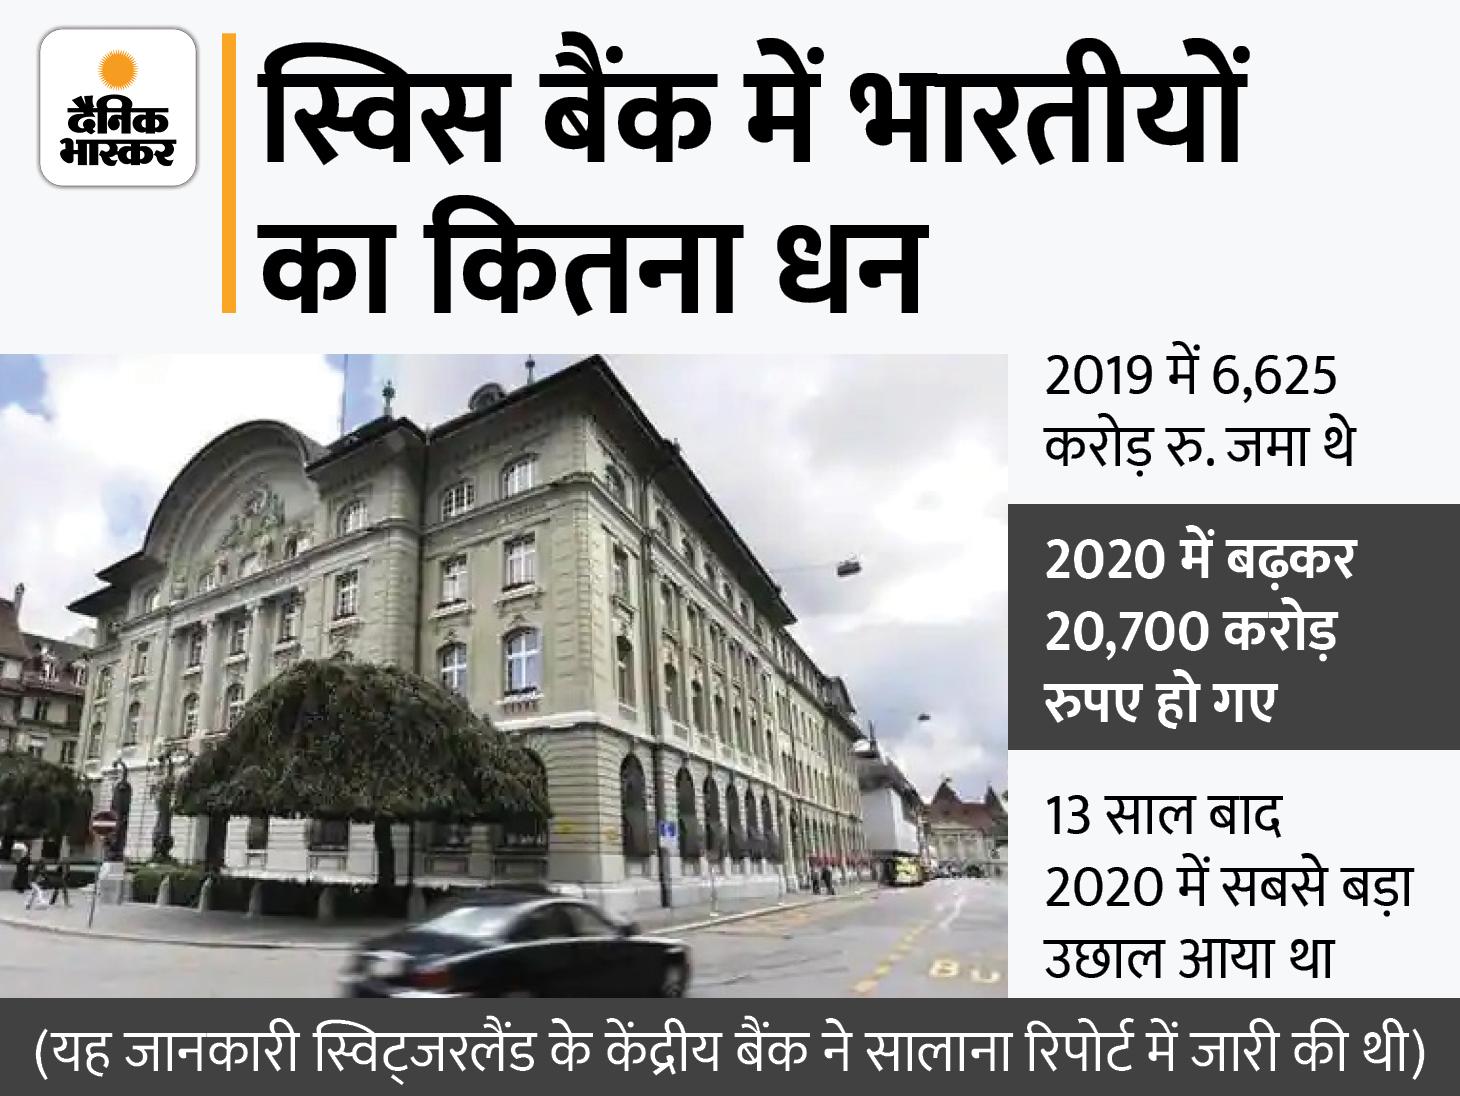 भारत को इसी महीने स्विस बैंकों के भारतीय खातेदारों की जानकारी का तीसरा सेट मिलेगा, पहली बार फ्लैट-अपार्टमेंट की डिटेल होगी|देश,National - Dainik Bhaskar